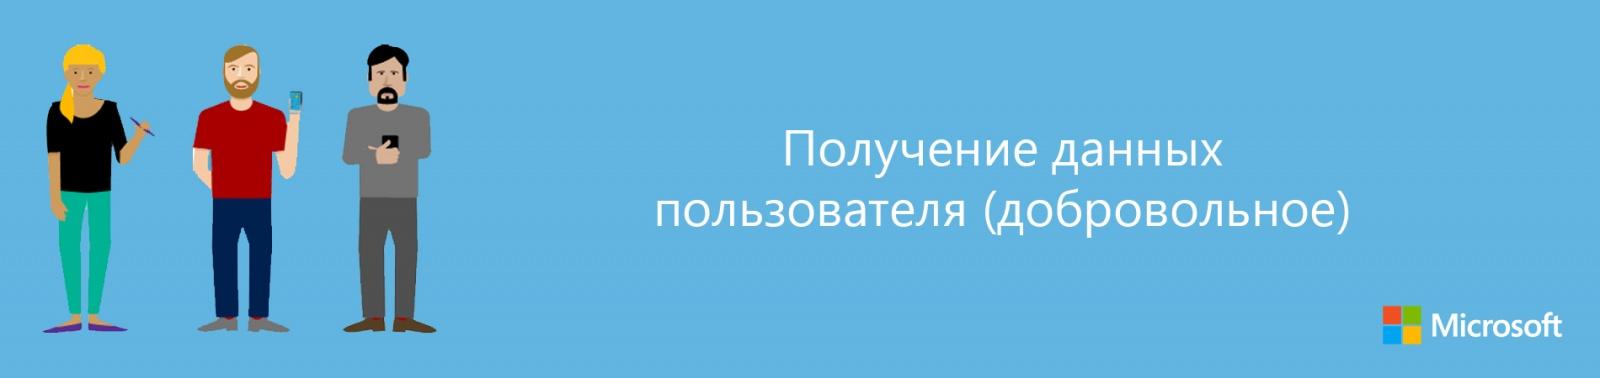 Получение данных пользователя (добровольное) - 1